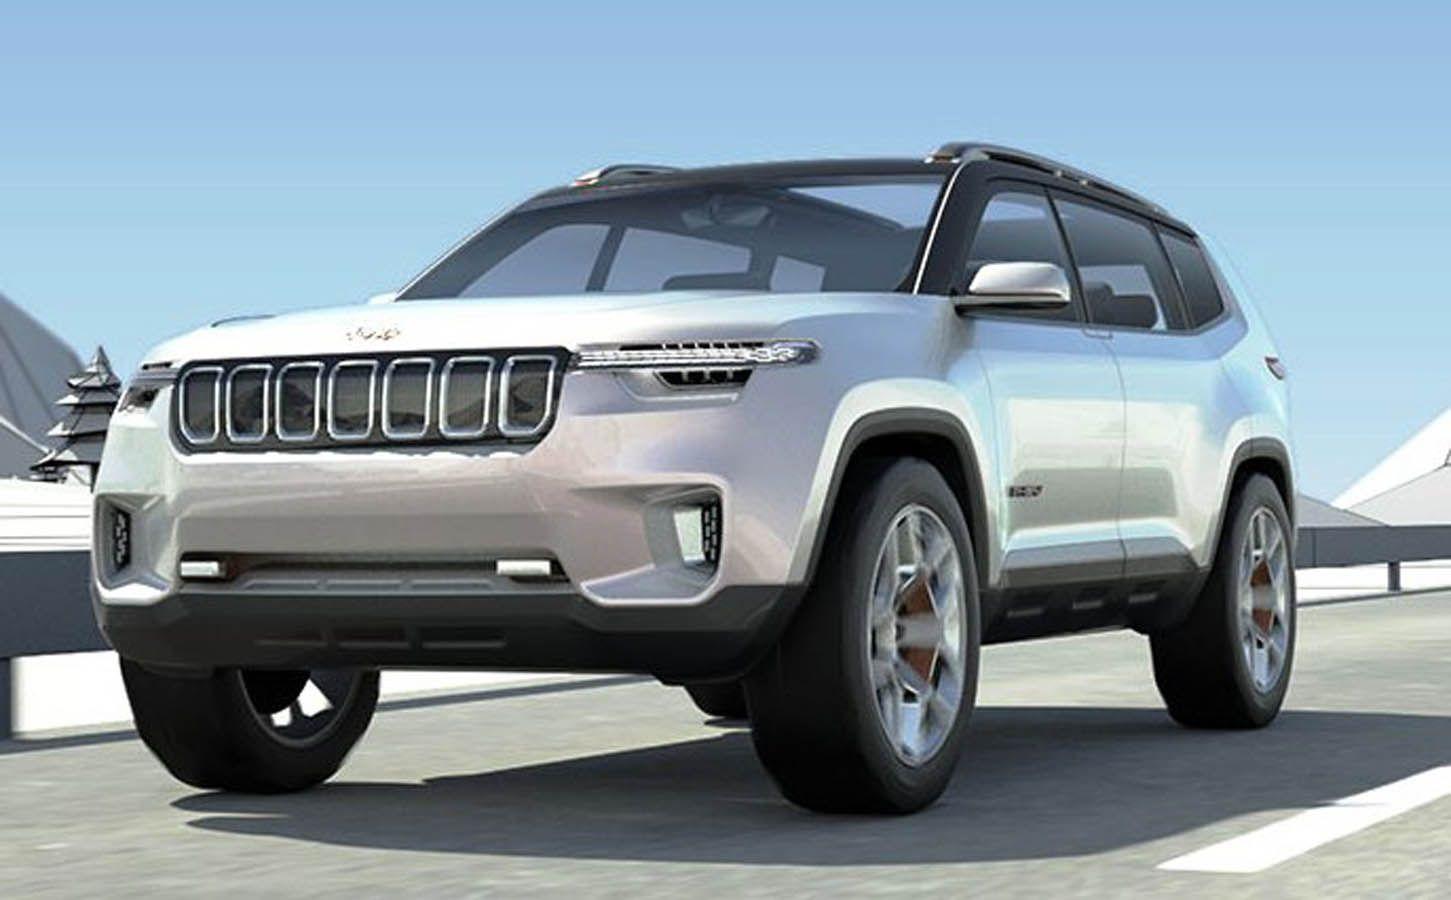 جيب يونتو الاختبارية الكبيرة العائلية والراقية موقع ويلز Jeep Grand Jeep Usa Jeep